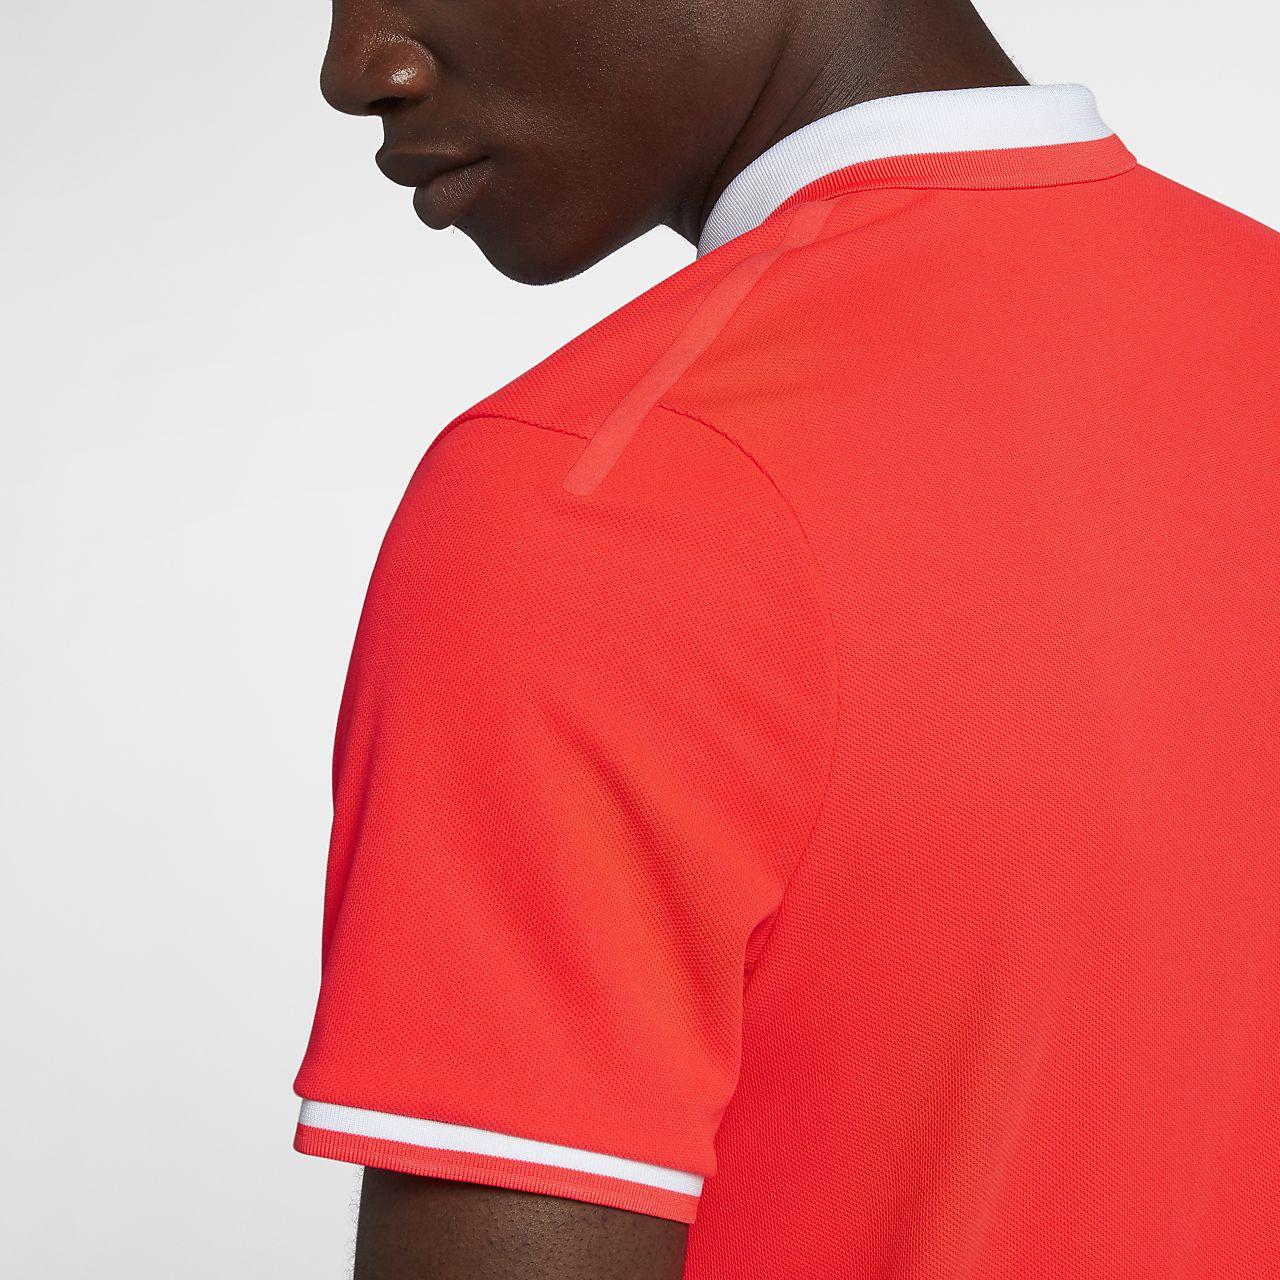 c6694798c Low Resolution NikeCourt Advantage Men's Tennis Polo NikeCourt Advantage  Men's Tennis Polo